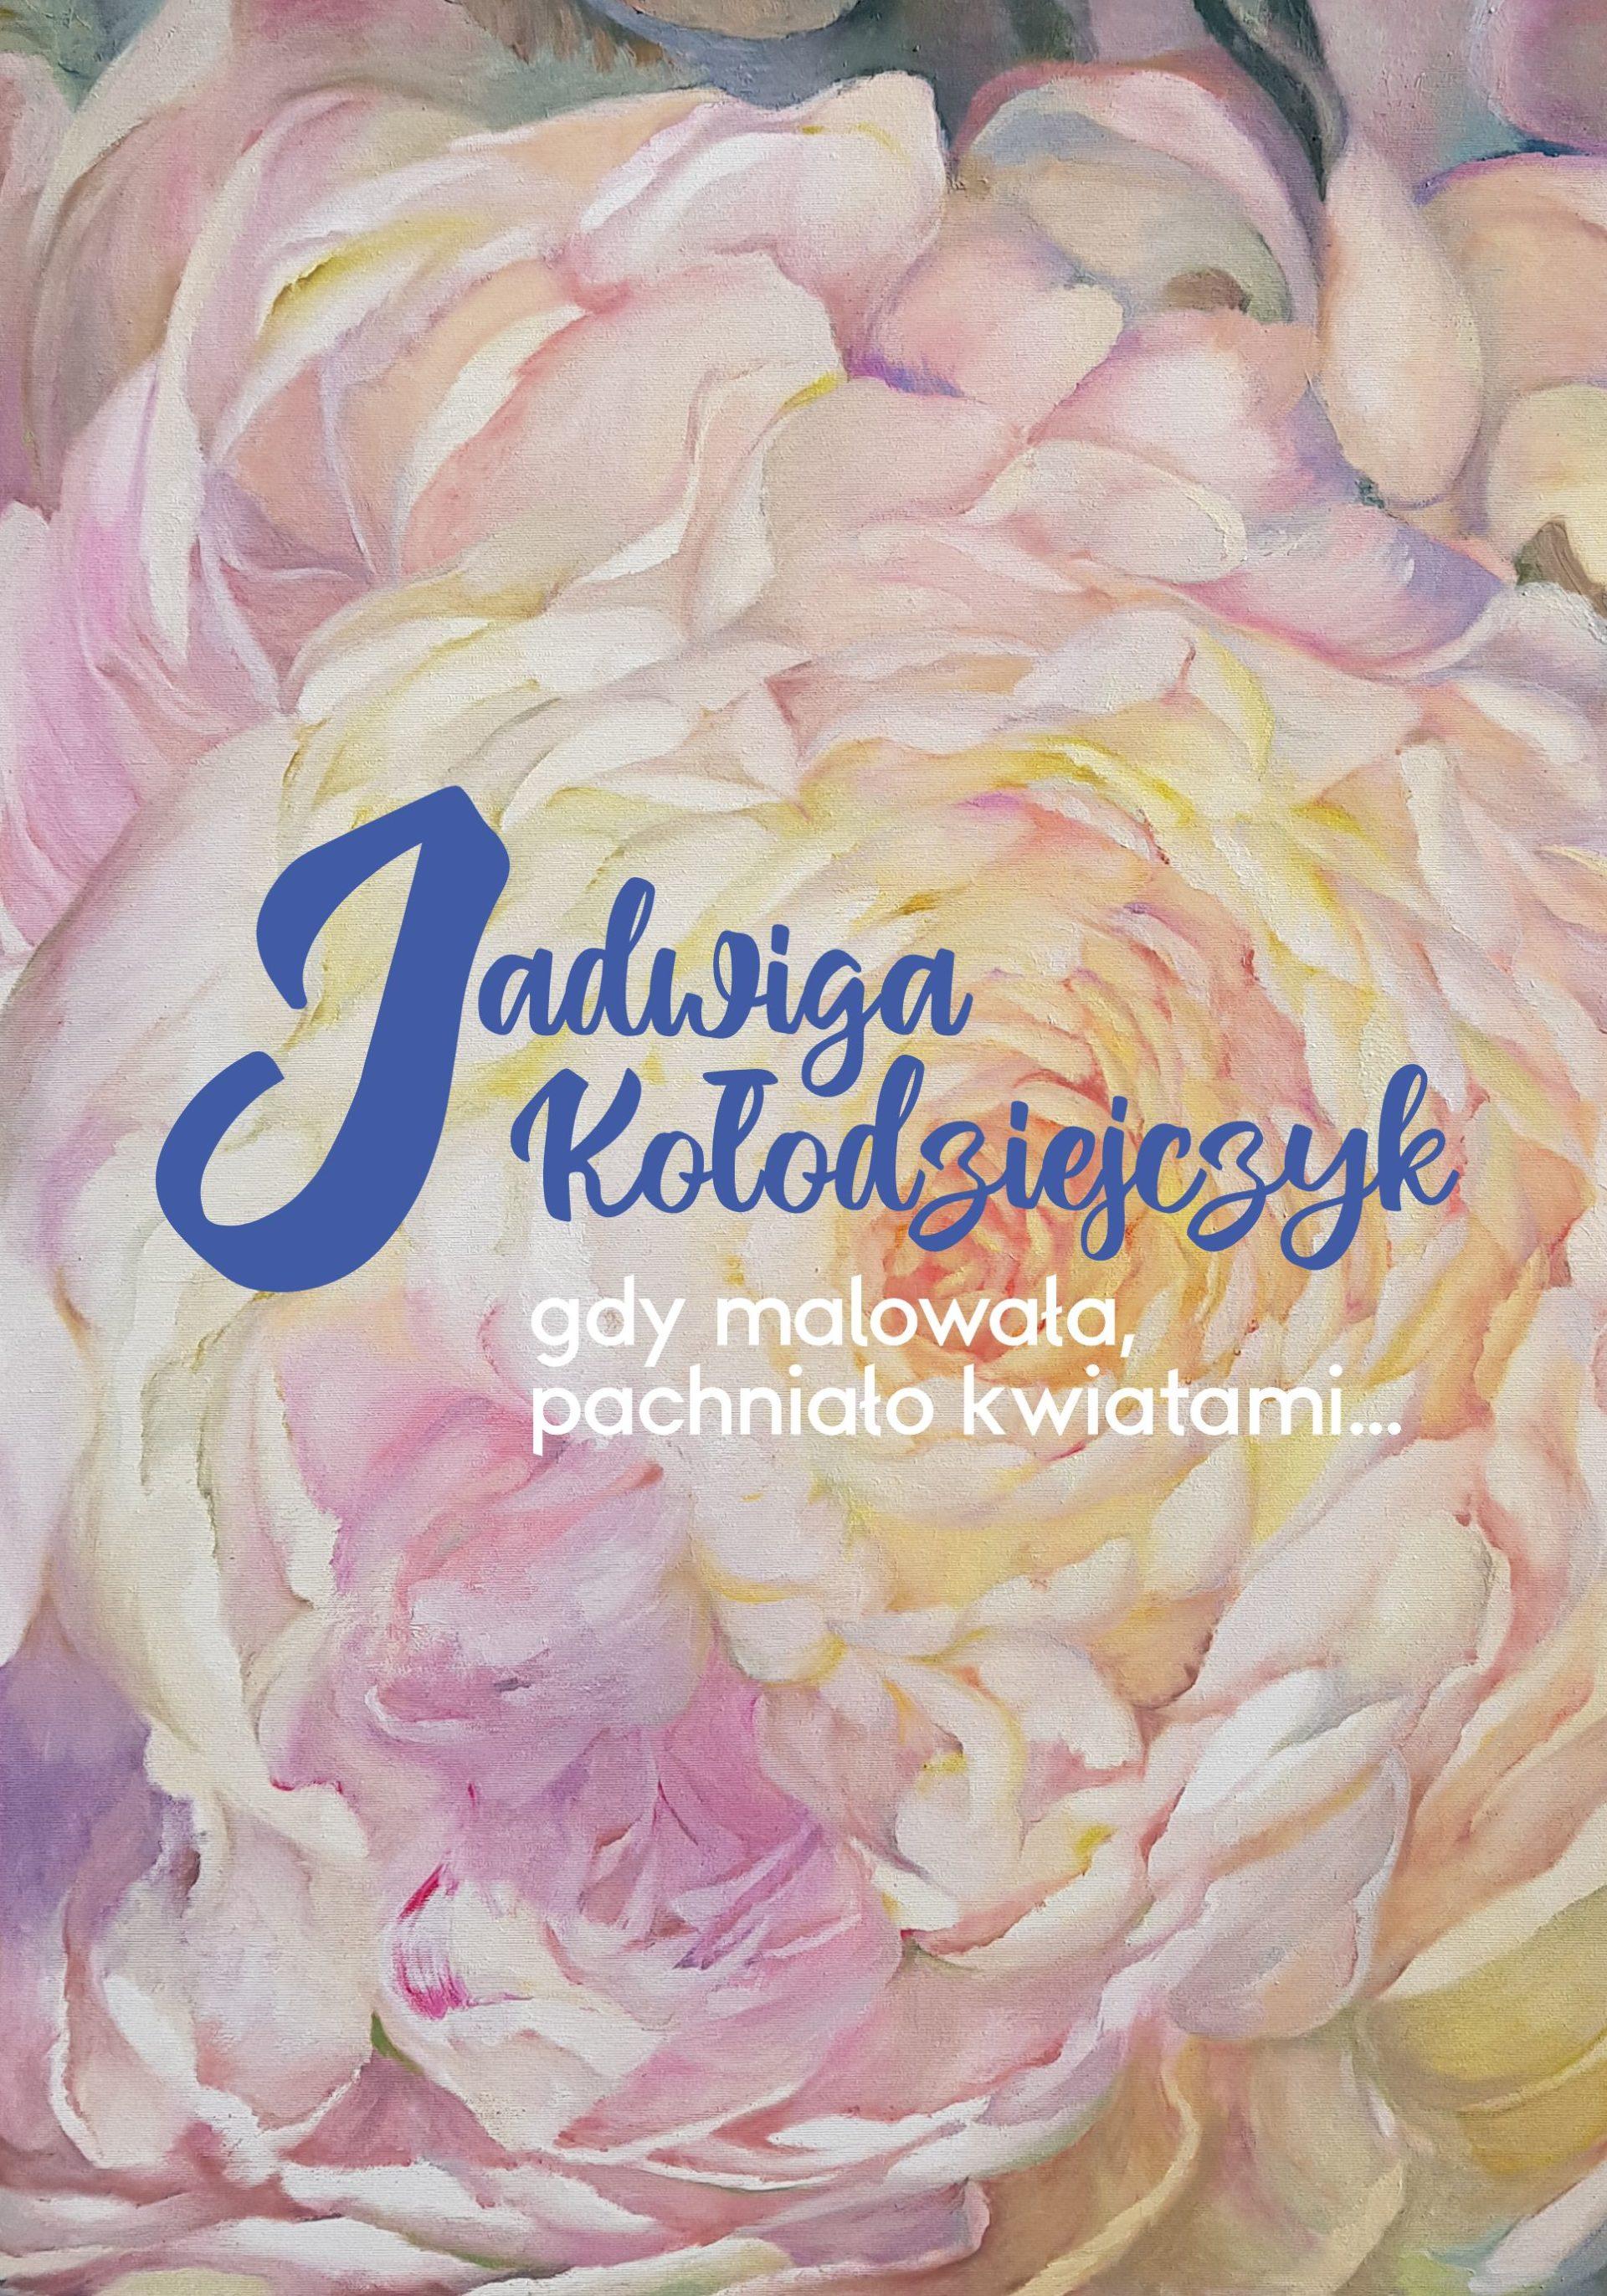 JADWIGA KOŁODZIEJCZYK | Gdy malowała, pachniało kwiatami… | wernisaż